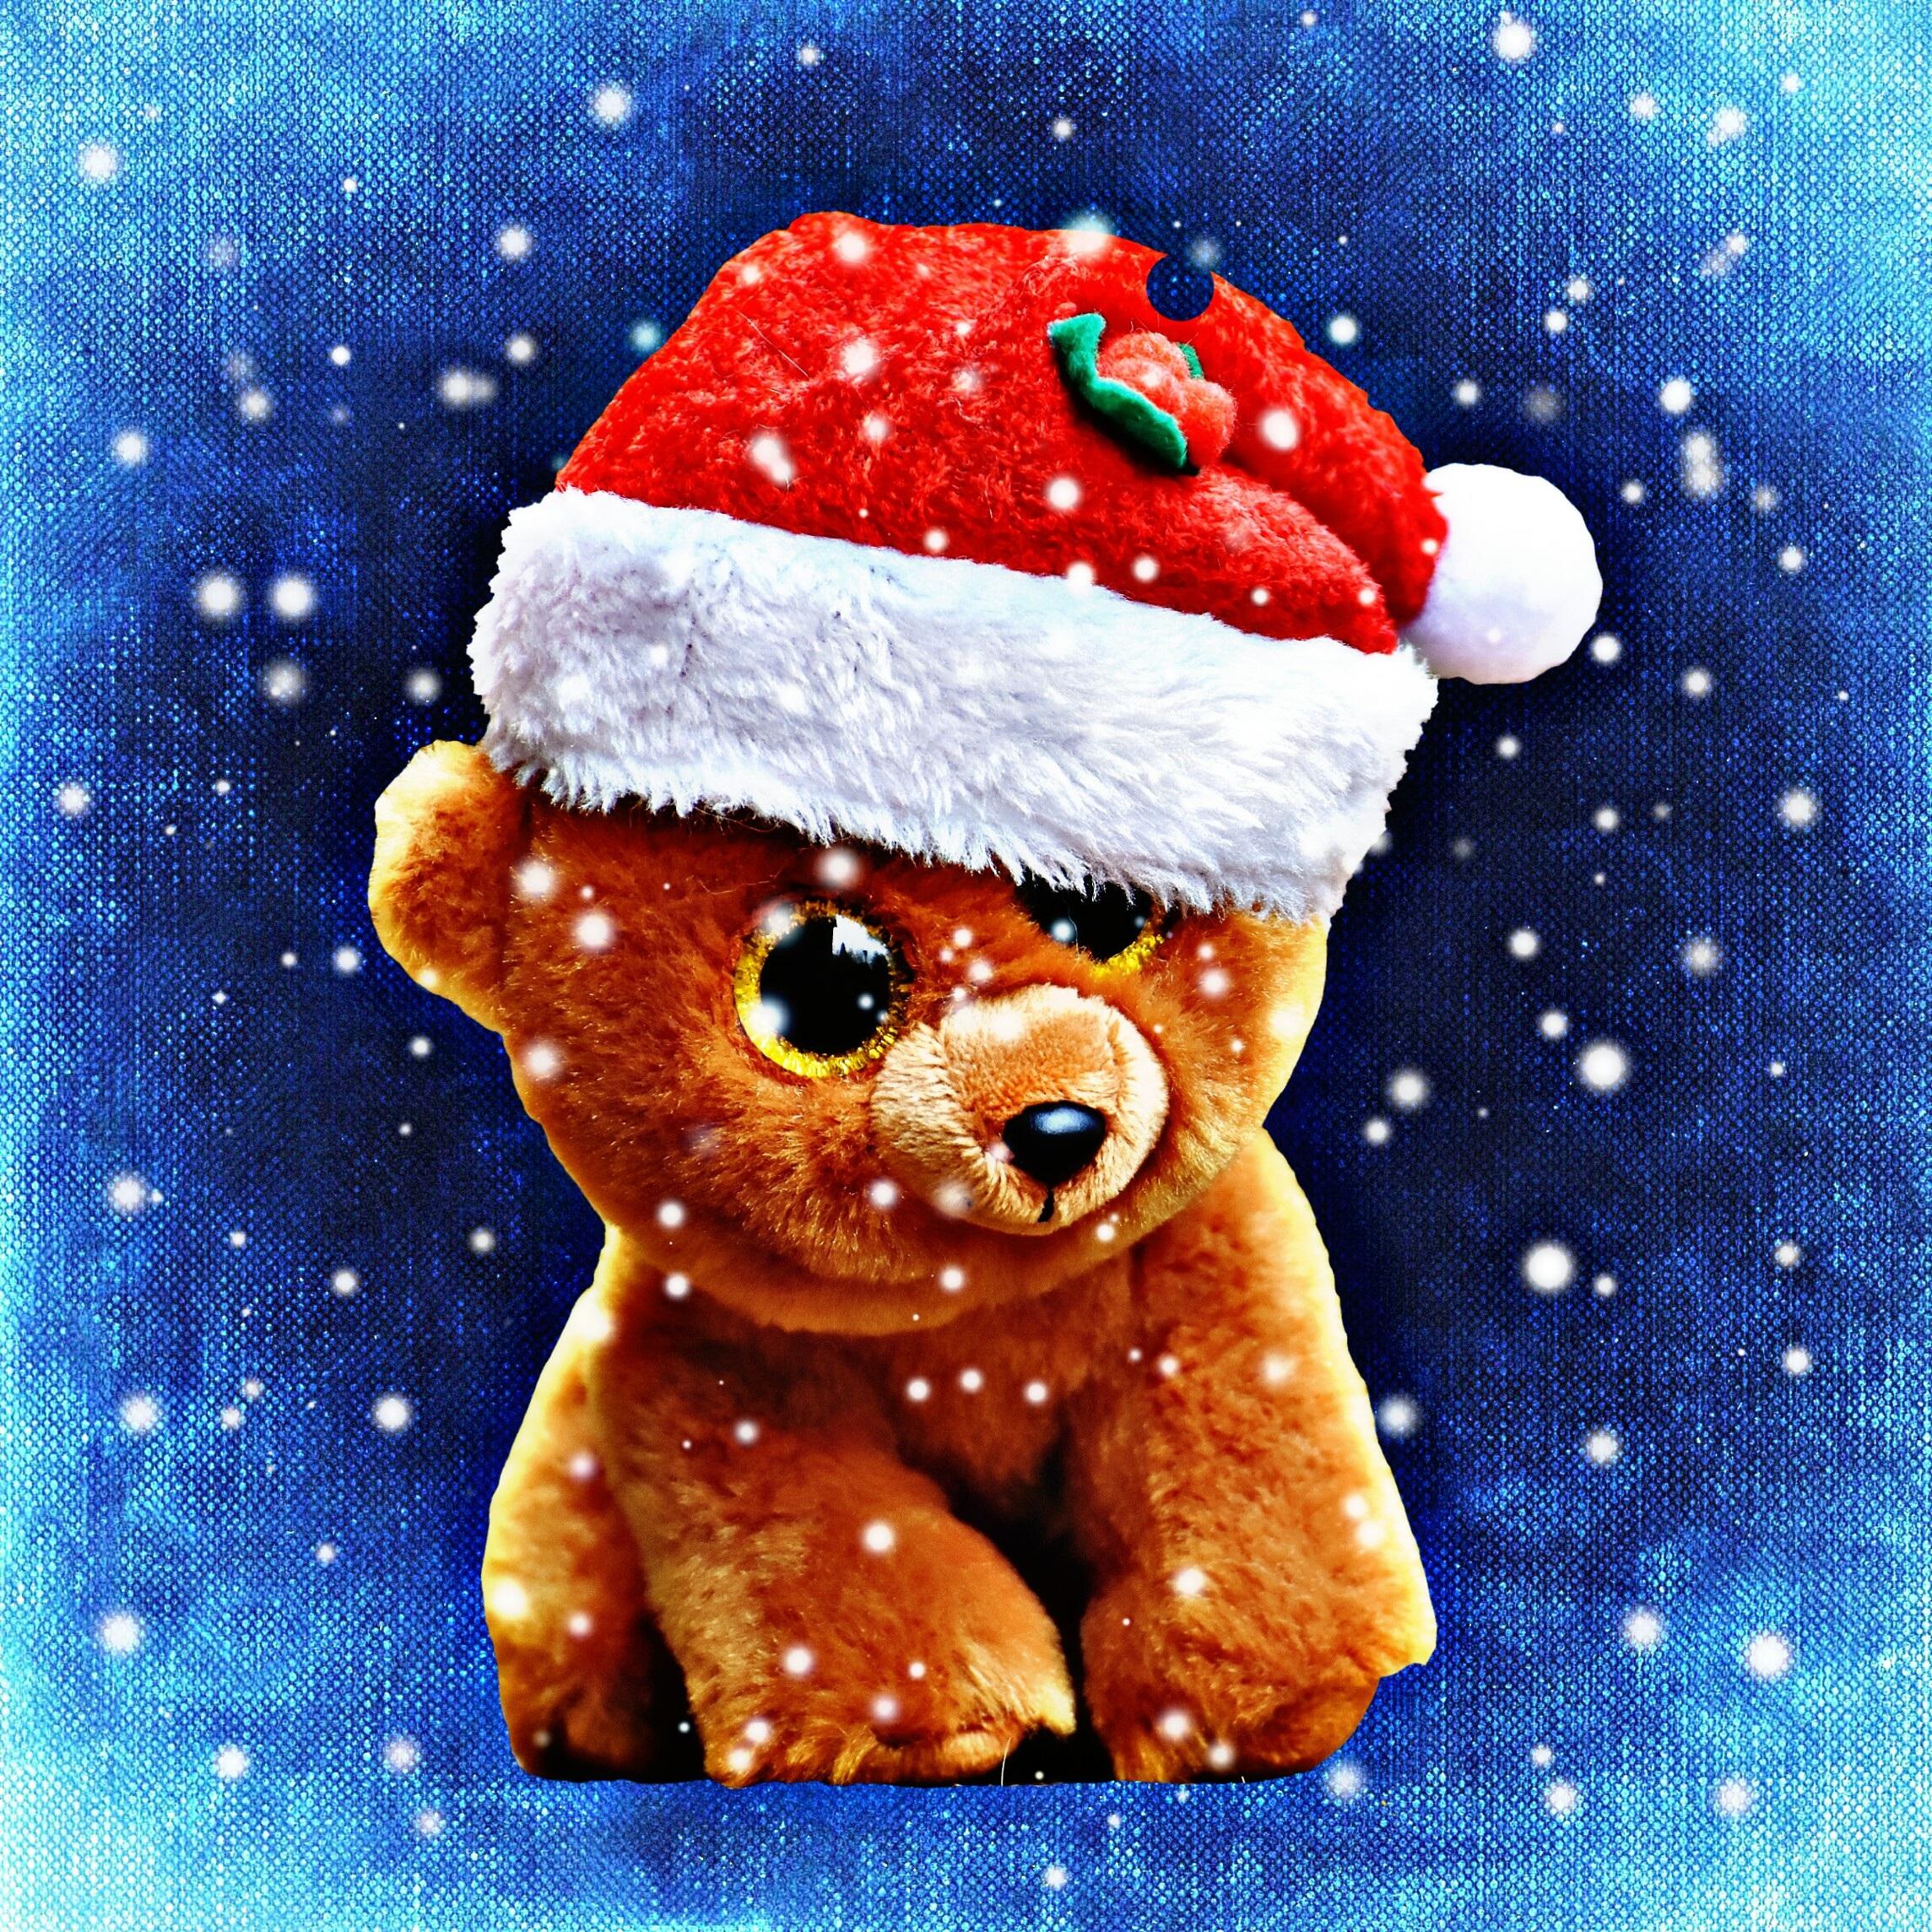 Gambar Manis Imut Makanan Hari Natal Pencuci Mulut Beruang Teddy Hat Santa Ilustrasi Orang Orangan Salju Lucu Boneka Binatang Yg Suka Diemong Sinterklas Mainan Anak Mainan Lunak Karakter Fiksi Mata Gemerlapnya 2289x2289